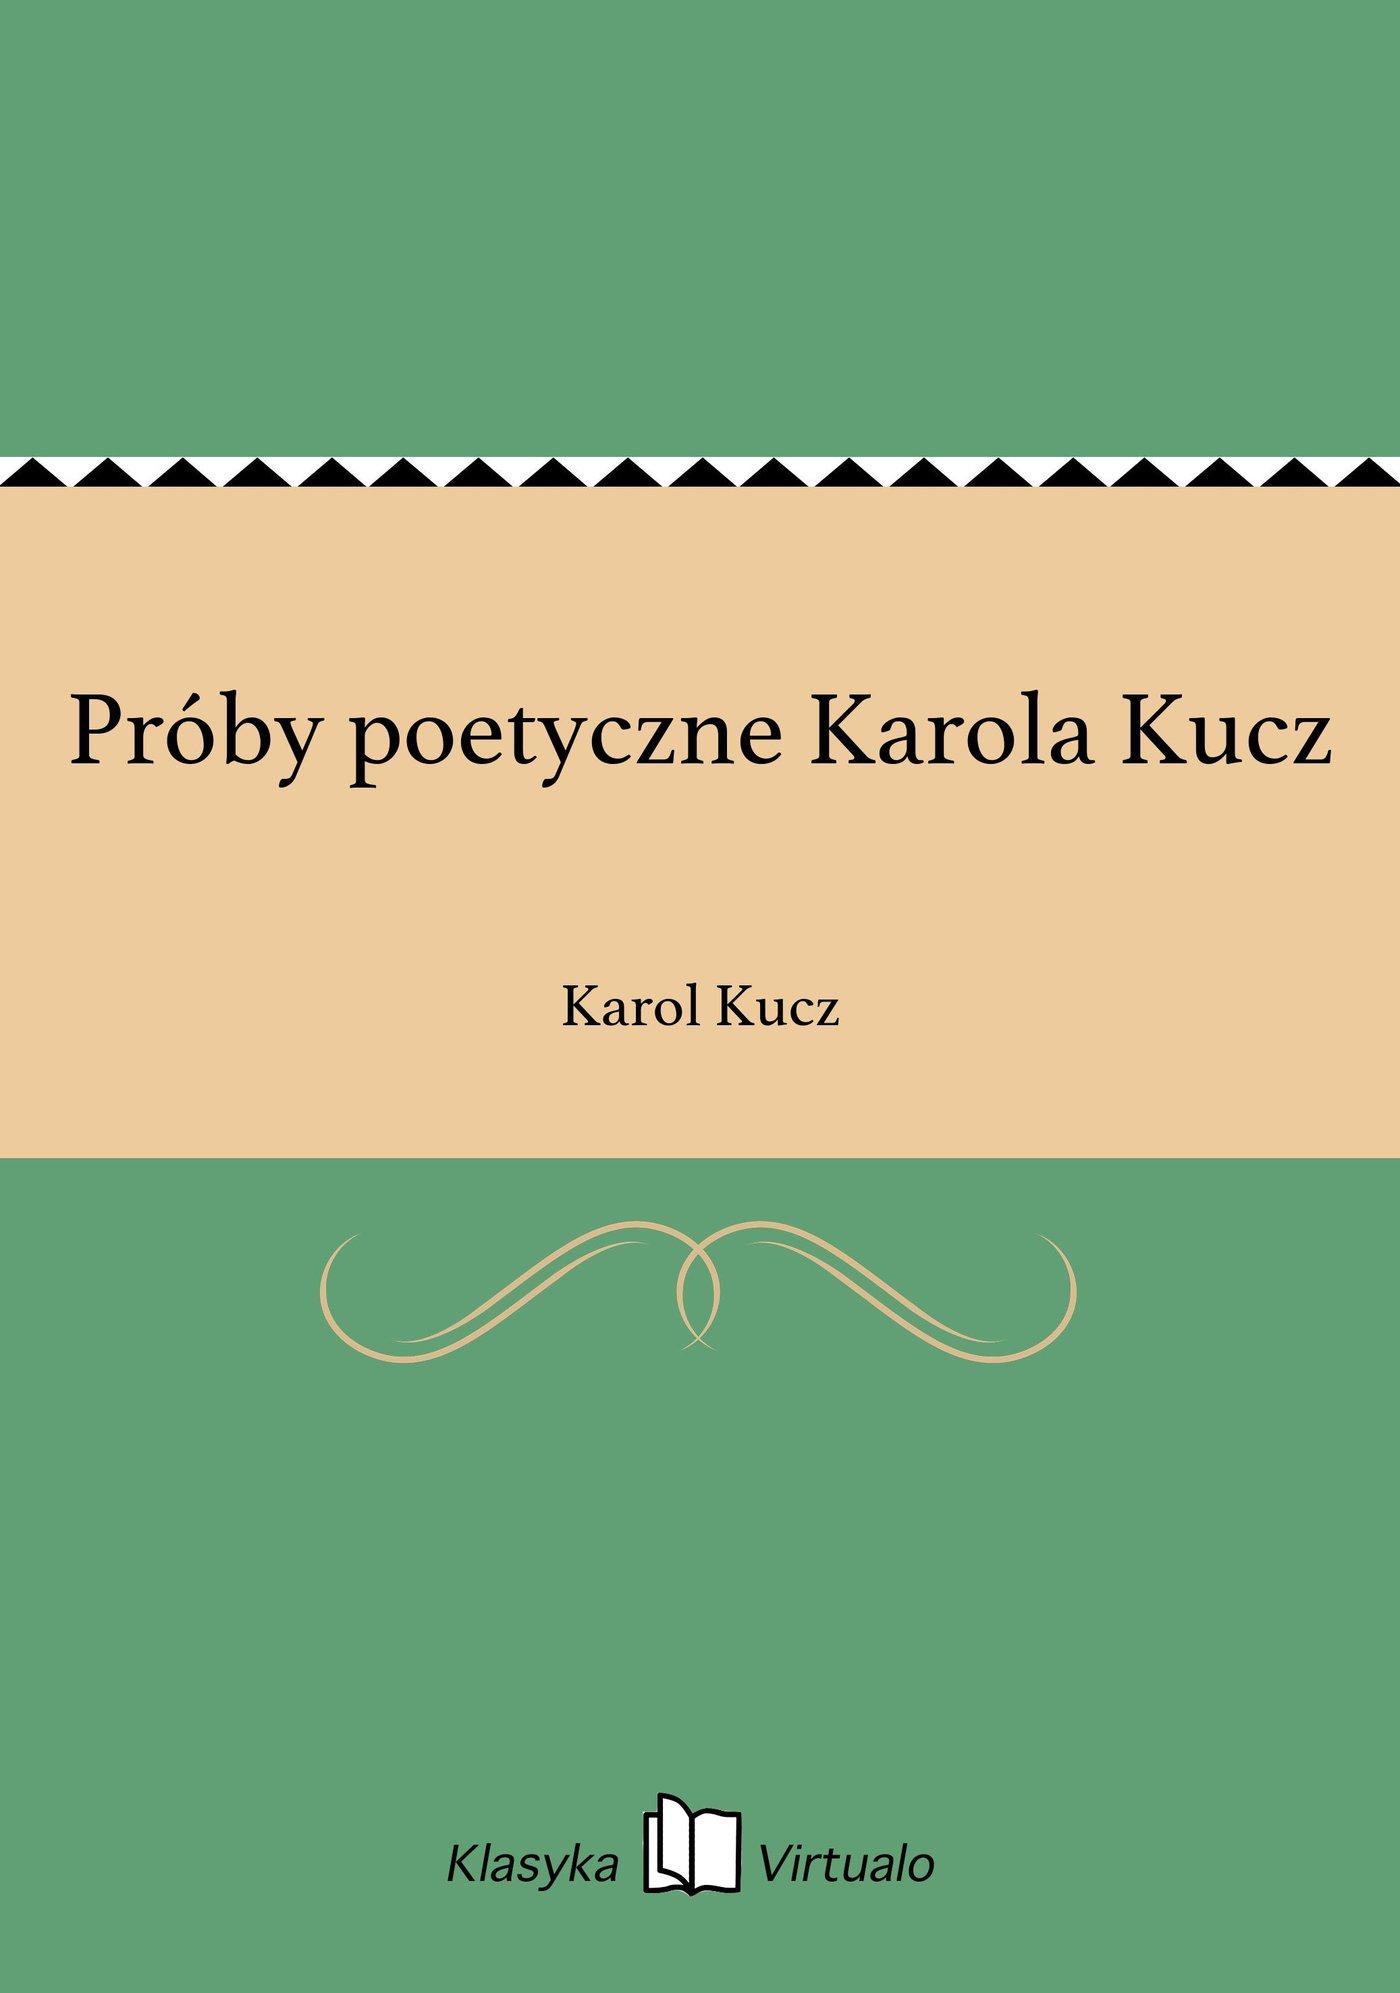 Próby poetyczne Karola Kucz - Ebook (Książka EPUB) do pobrania w formacie EPUB